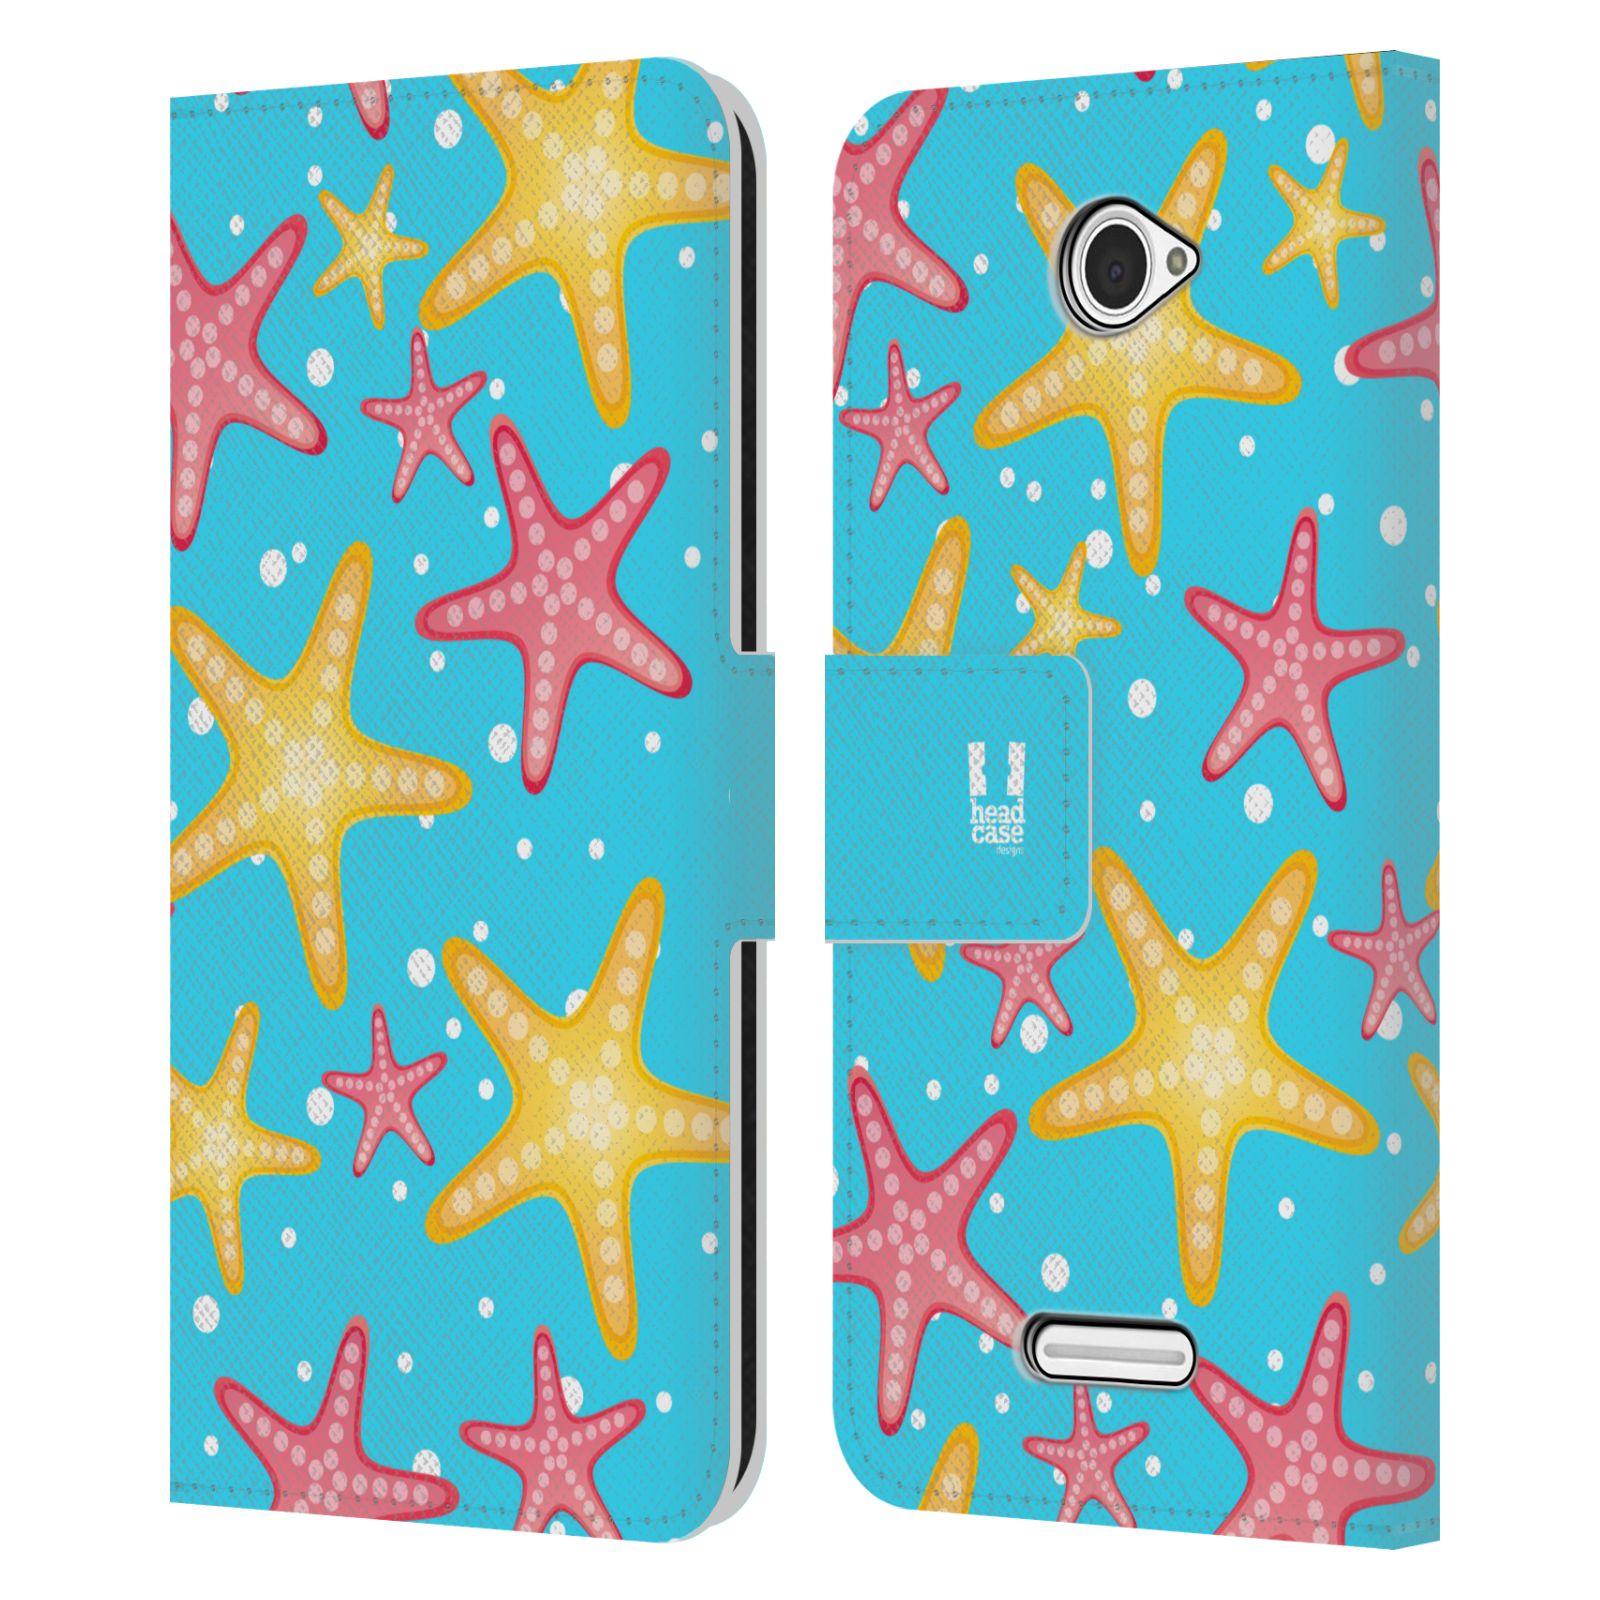 HEAD CASE Flipové pouzdro pro mobil SONY XPERIA E4 Mořský živočich hvězdice modrá barva pozadí